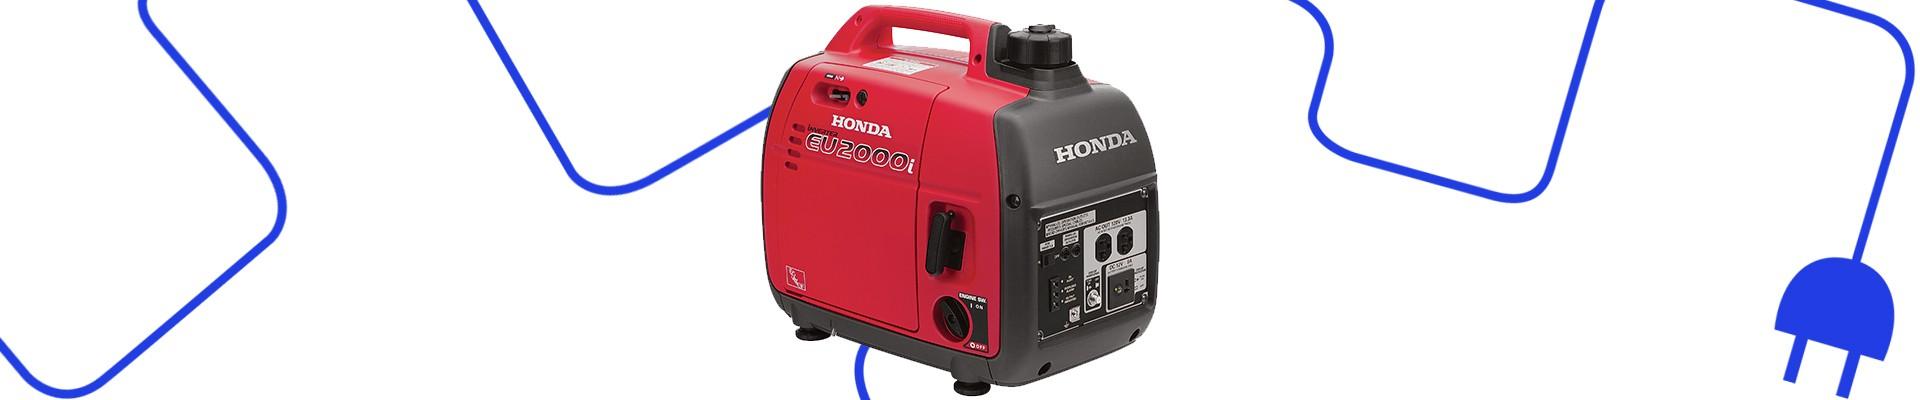 Honda RV Generator